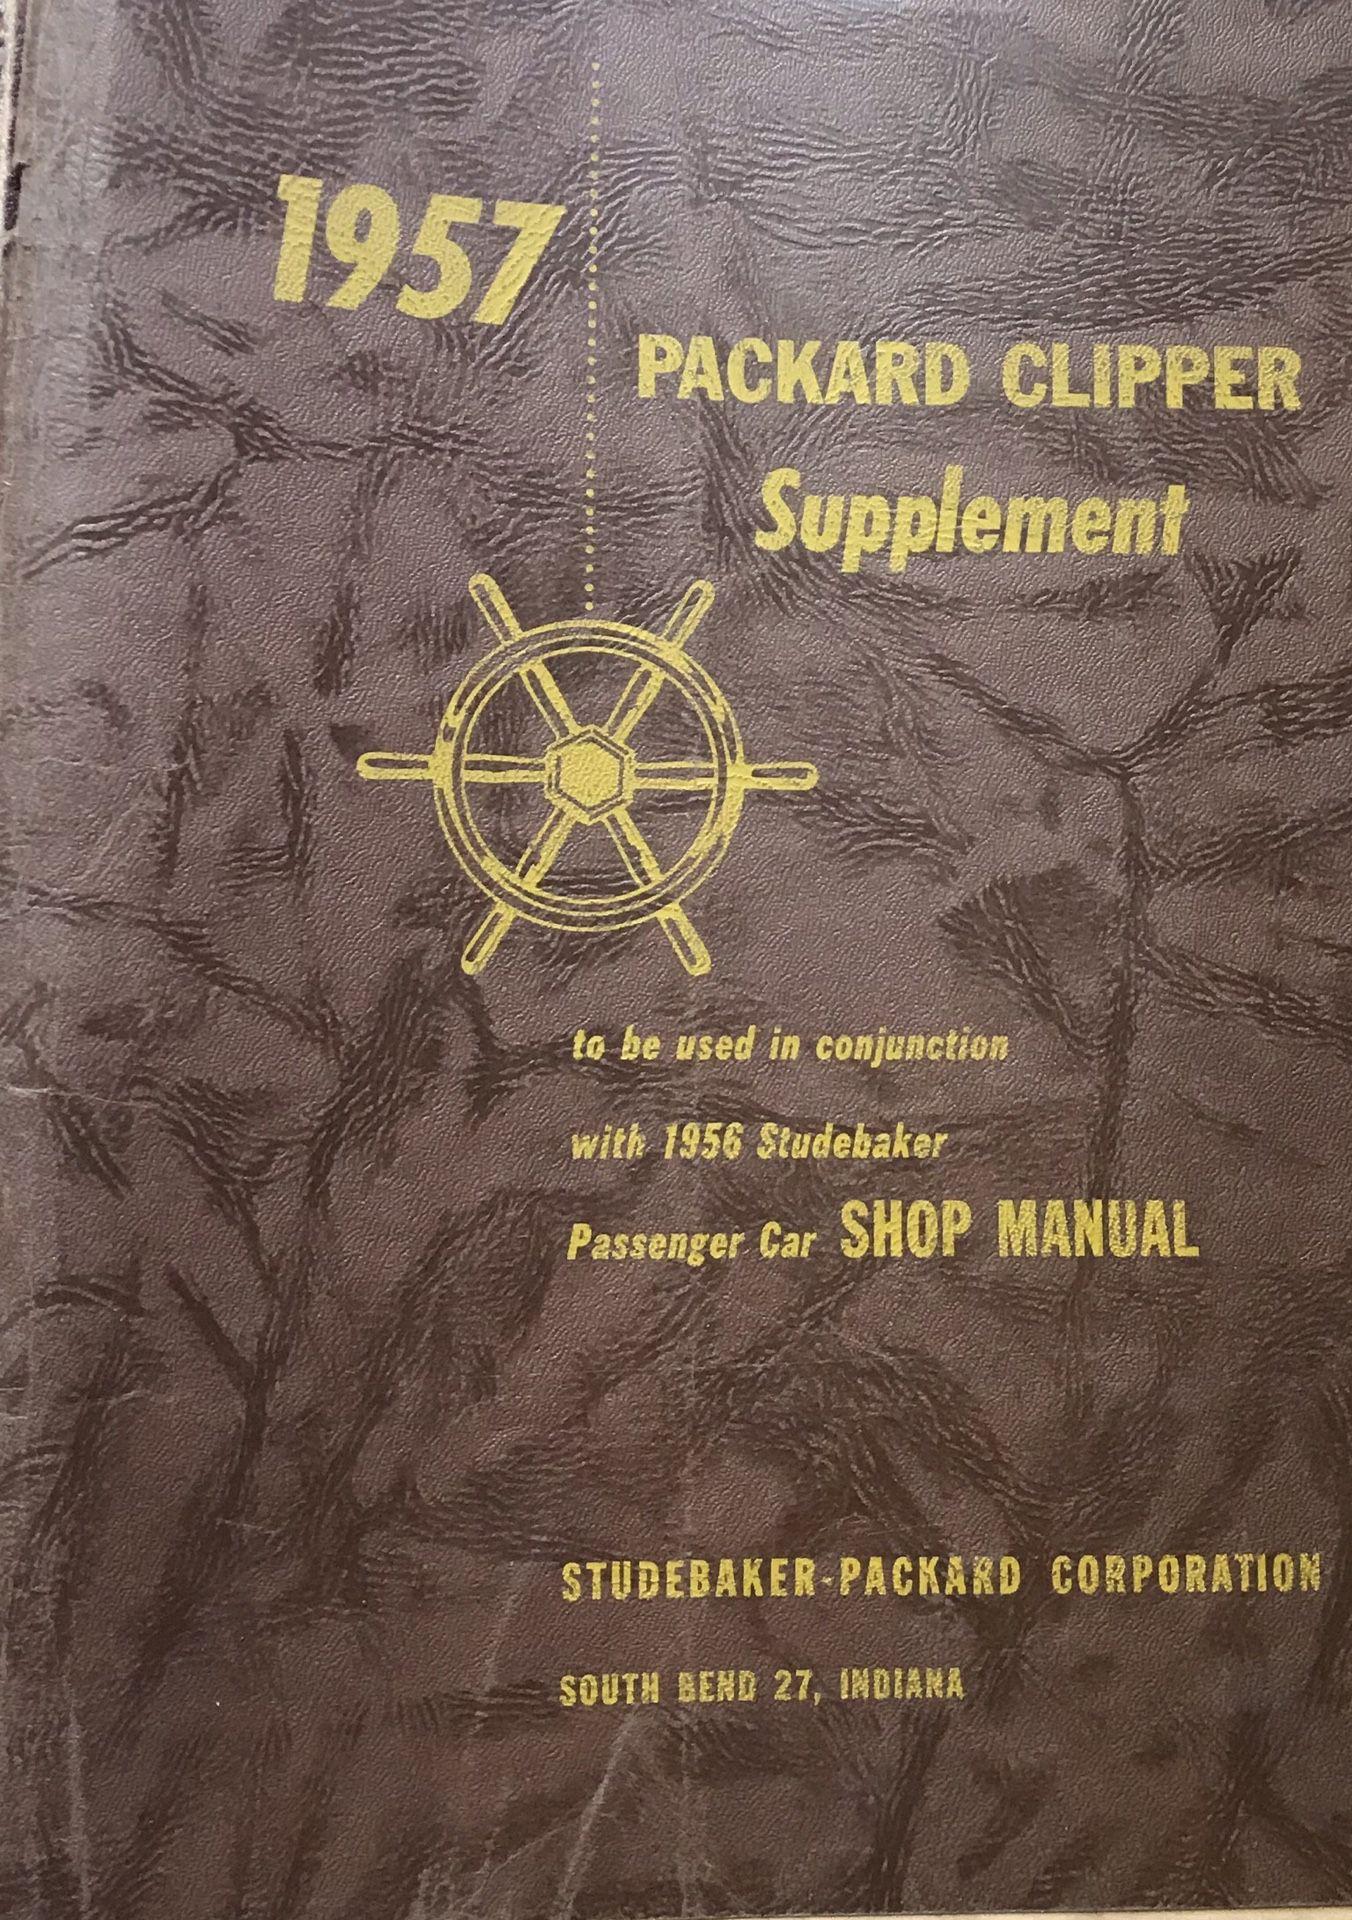 1957 Packard Clipper Supplement